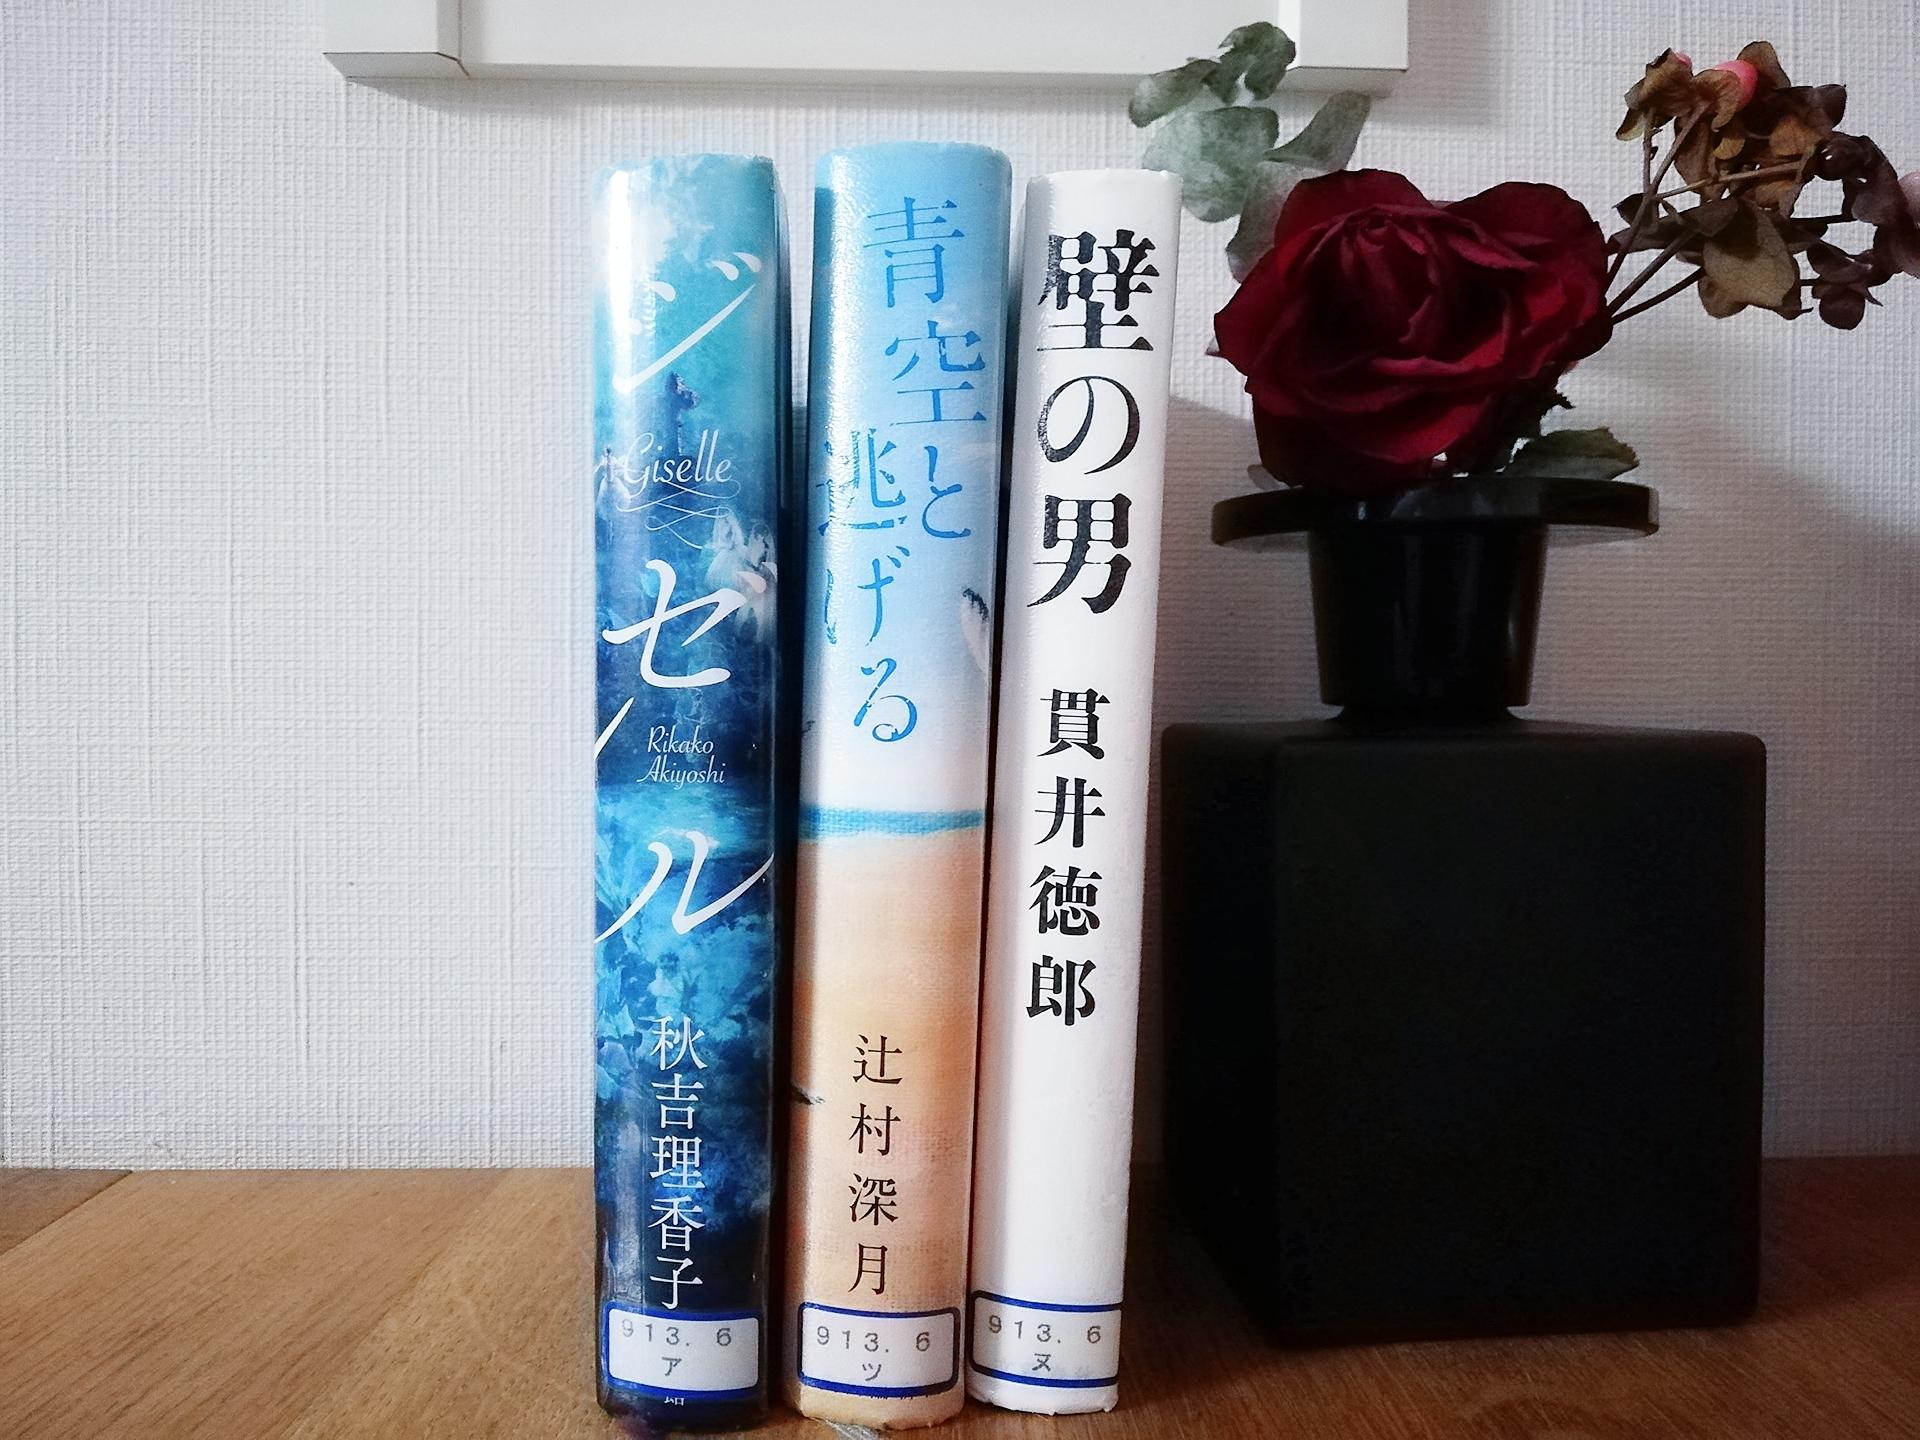 森博嗣 Wシリーズを読破して人間の今と未来について考える【2021年1月読書レポート】